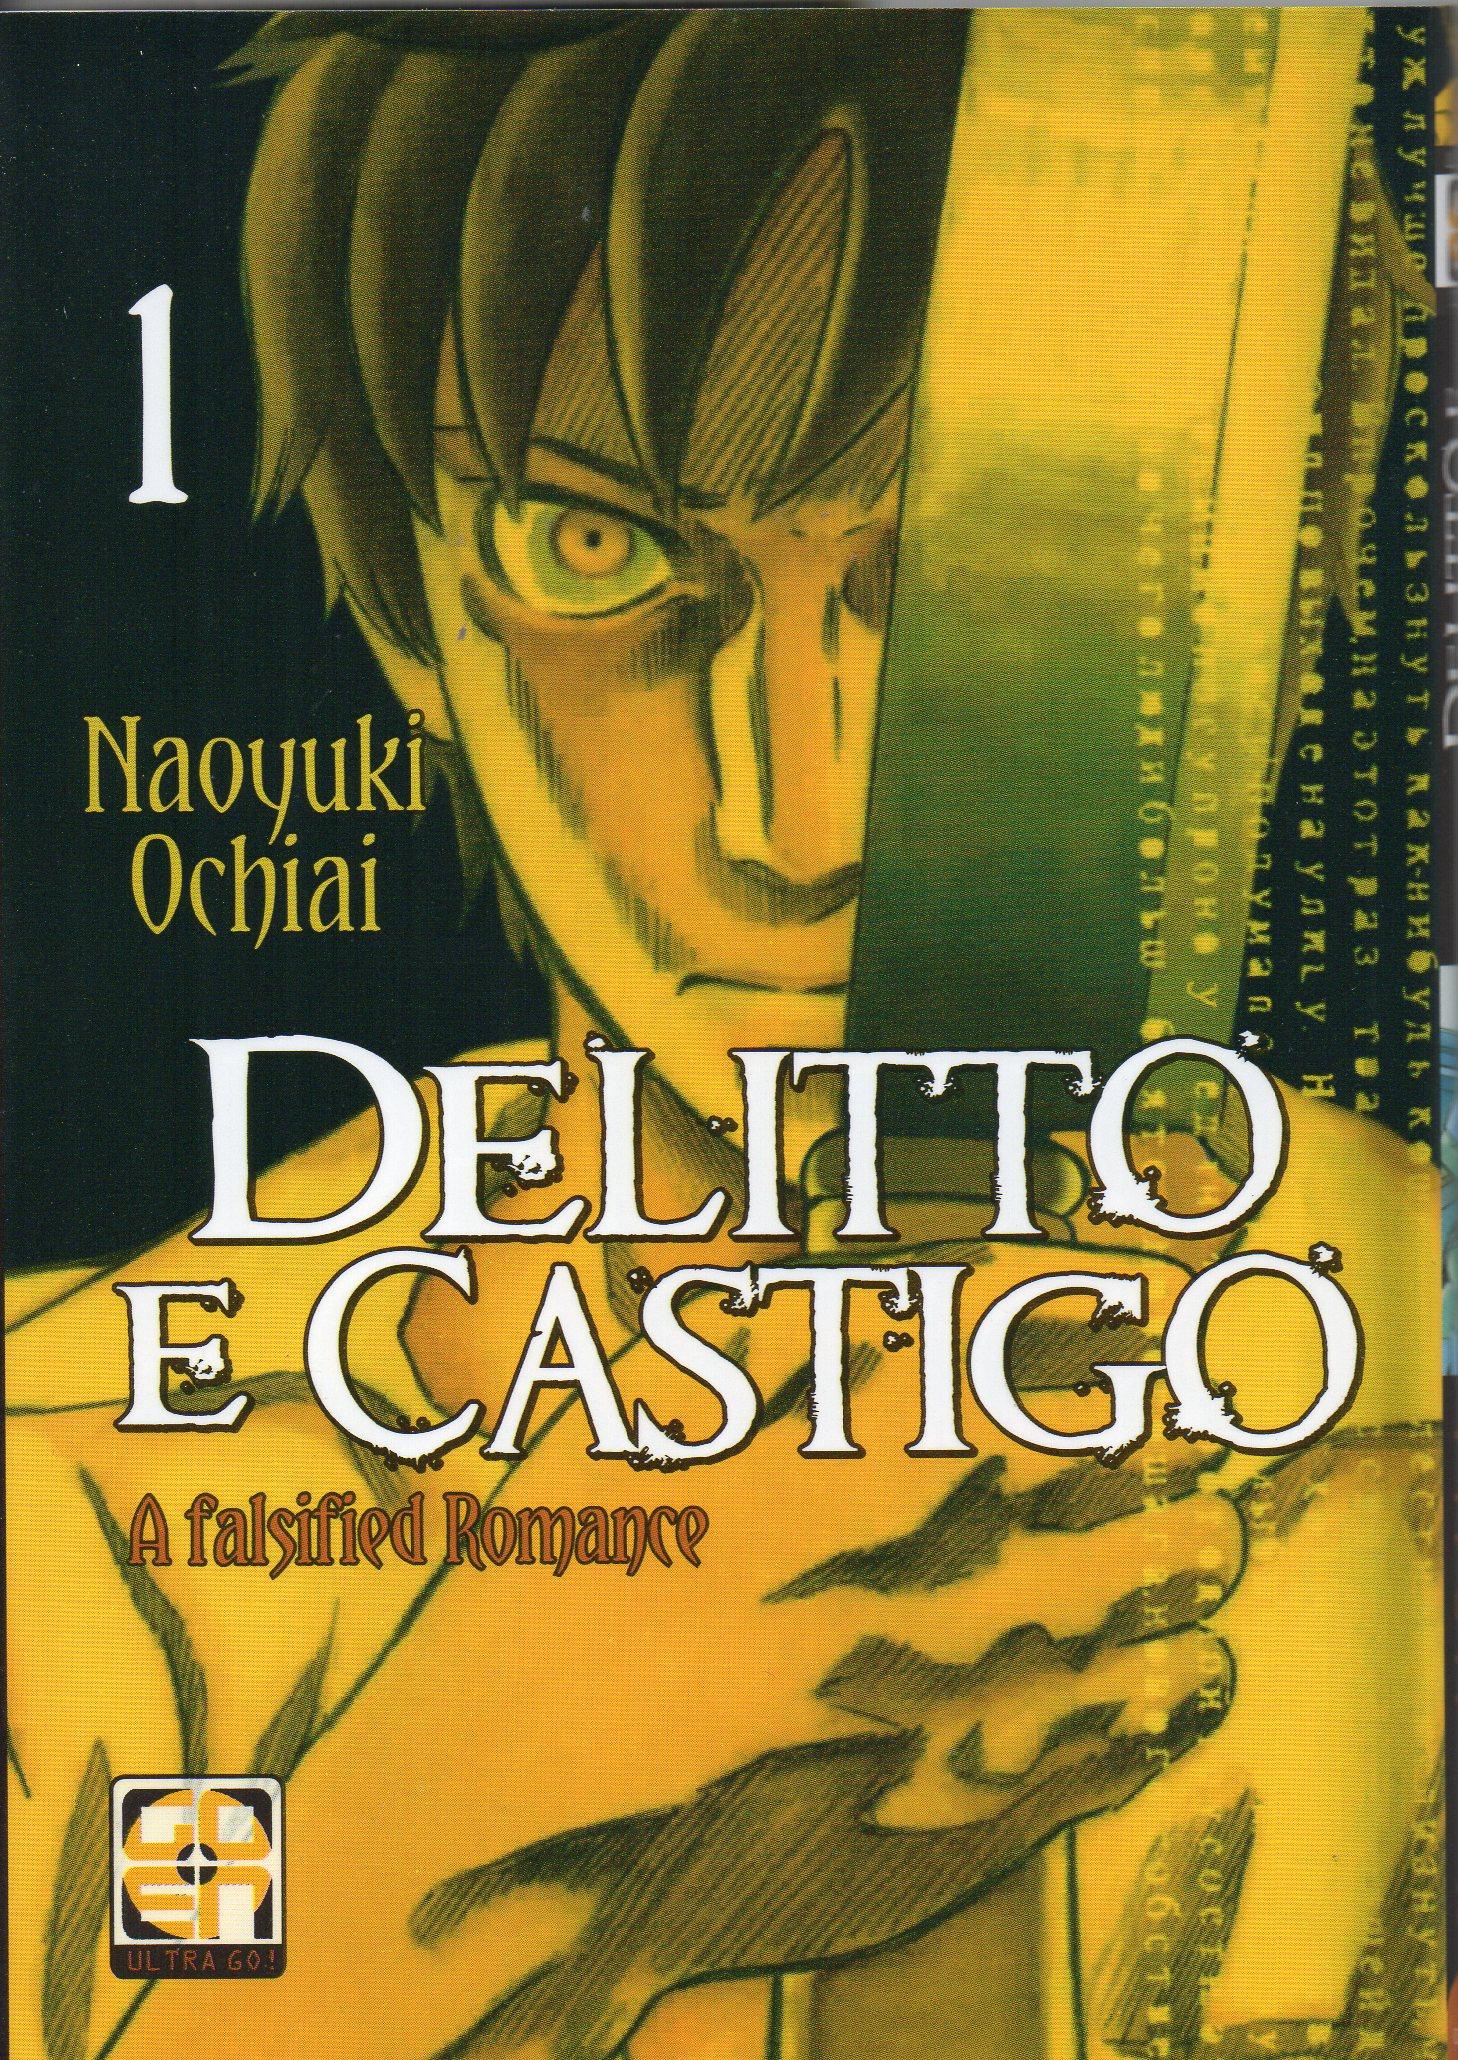 Delitto e castigo: A Falsified Romance vol. 1